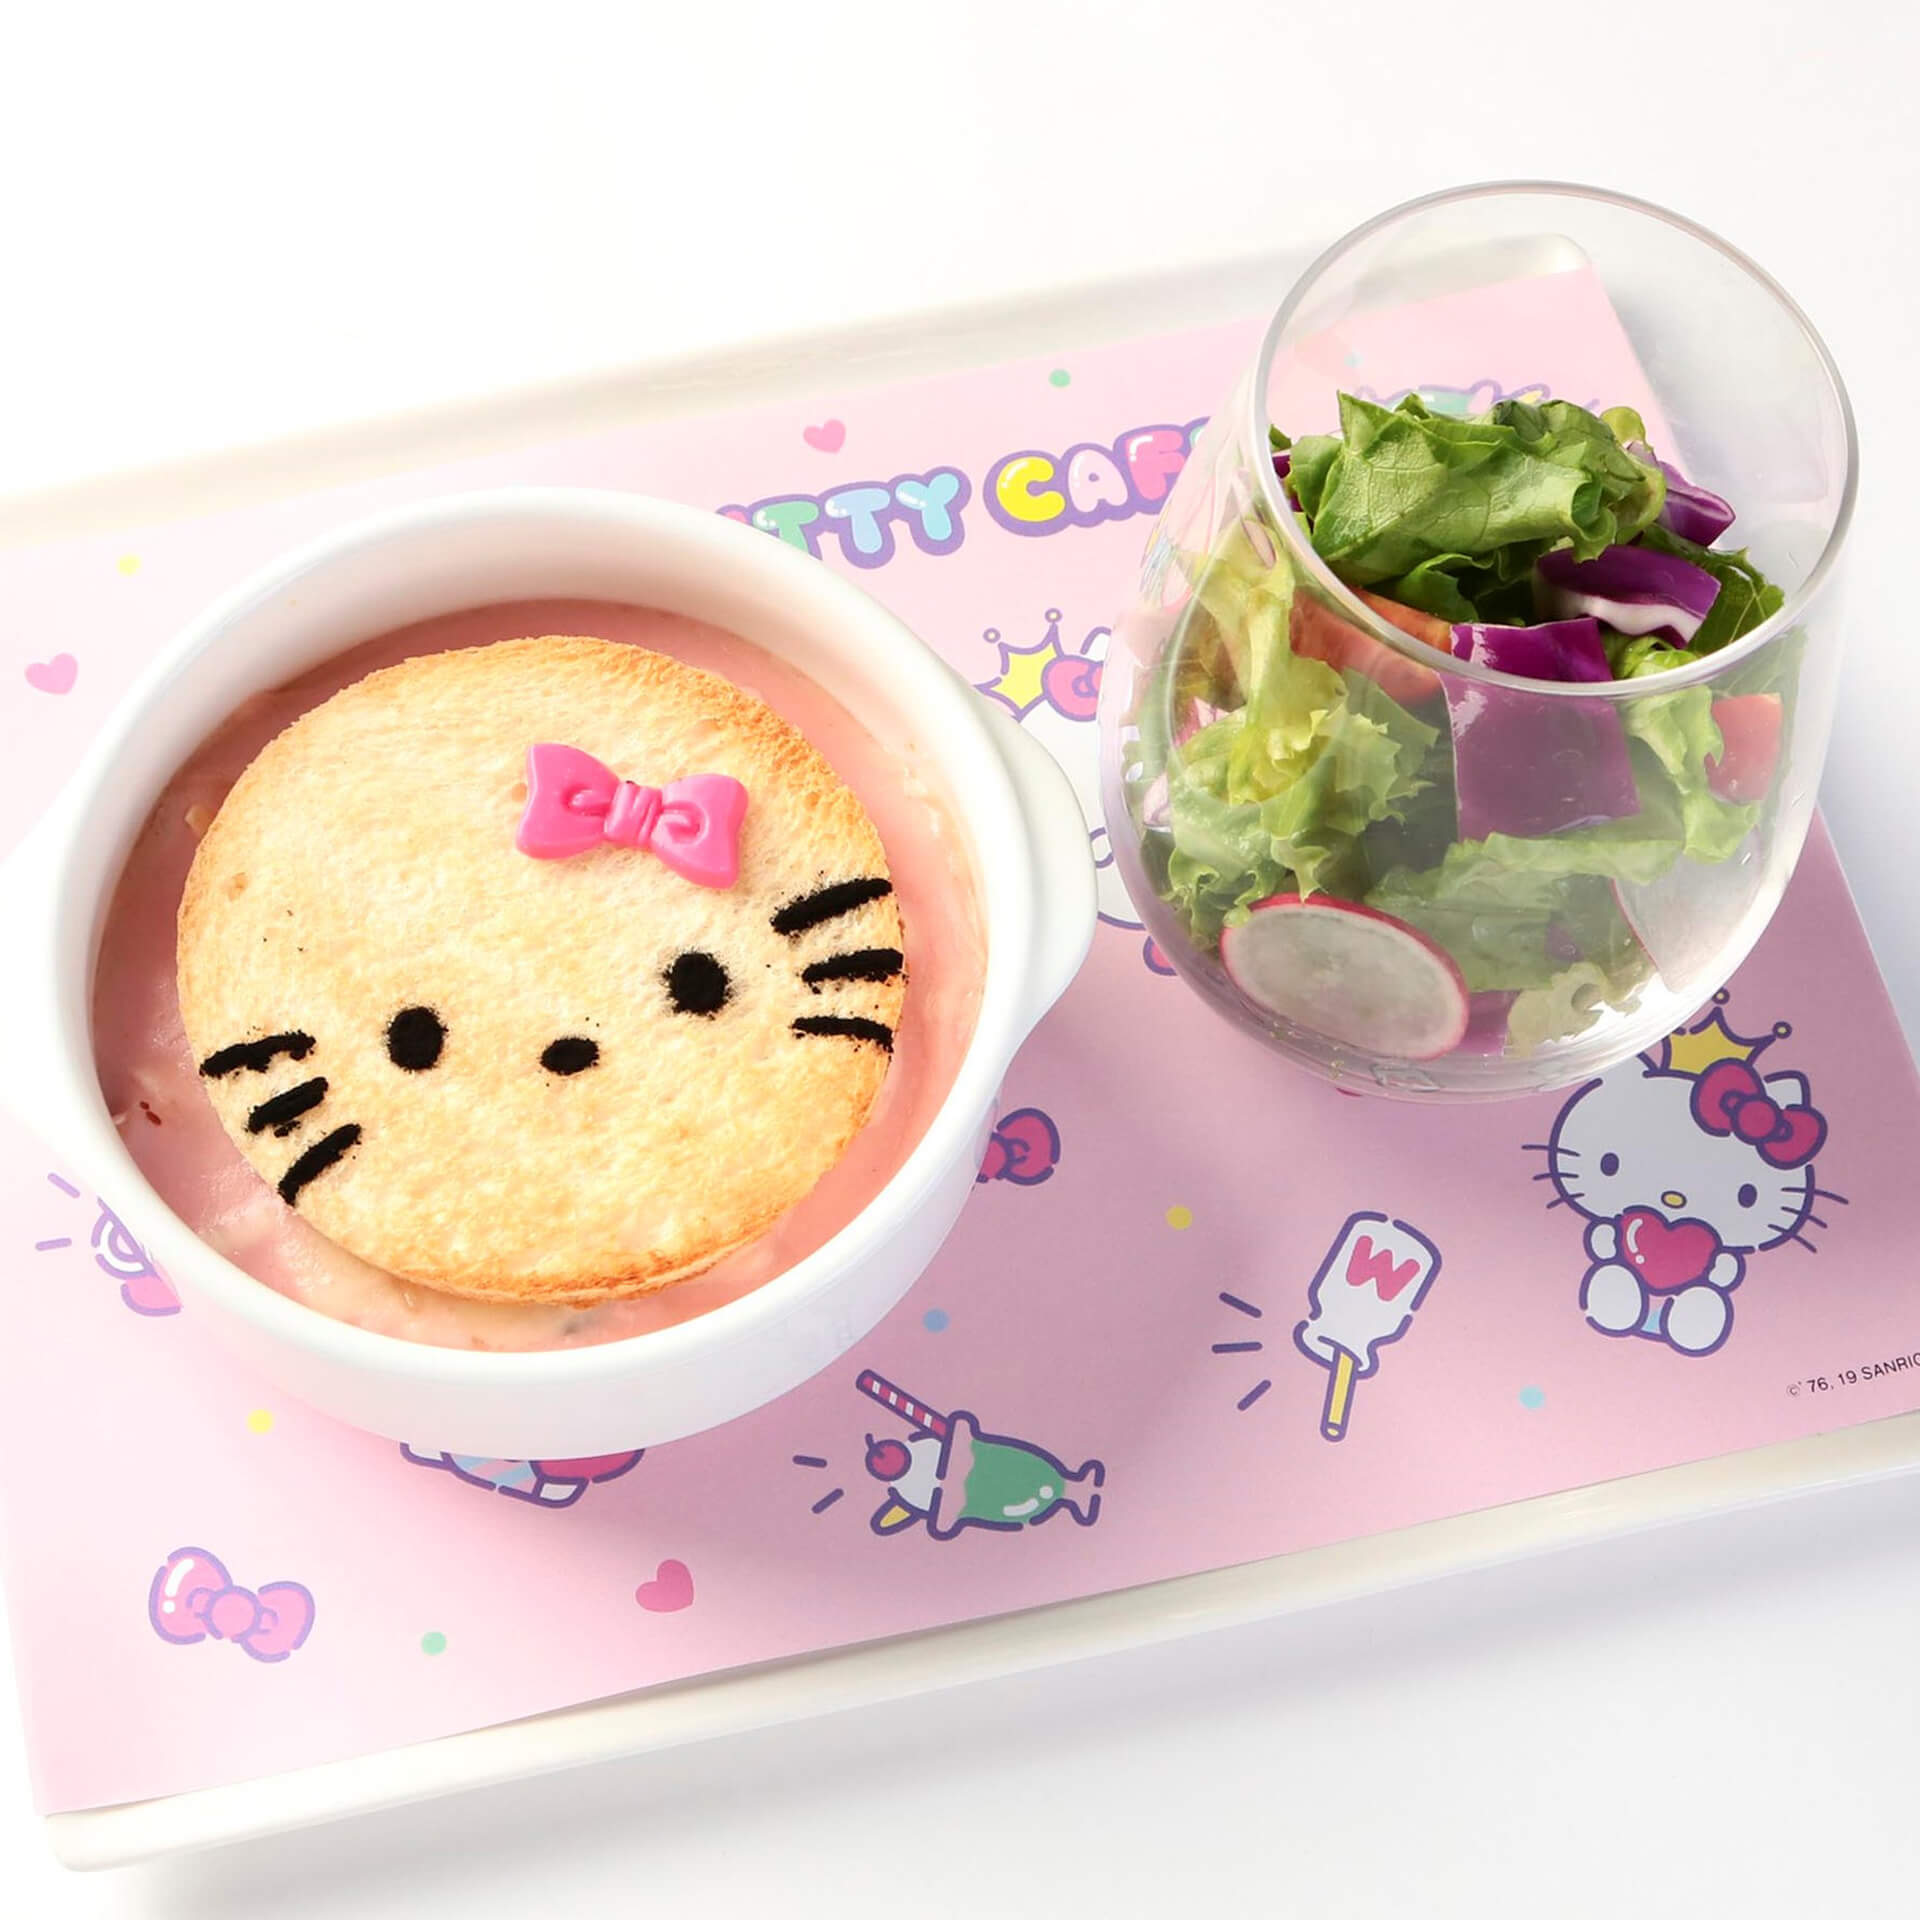 ハローキティカフェ食せるフード例・ハローキティのラブリーグラタンセット